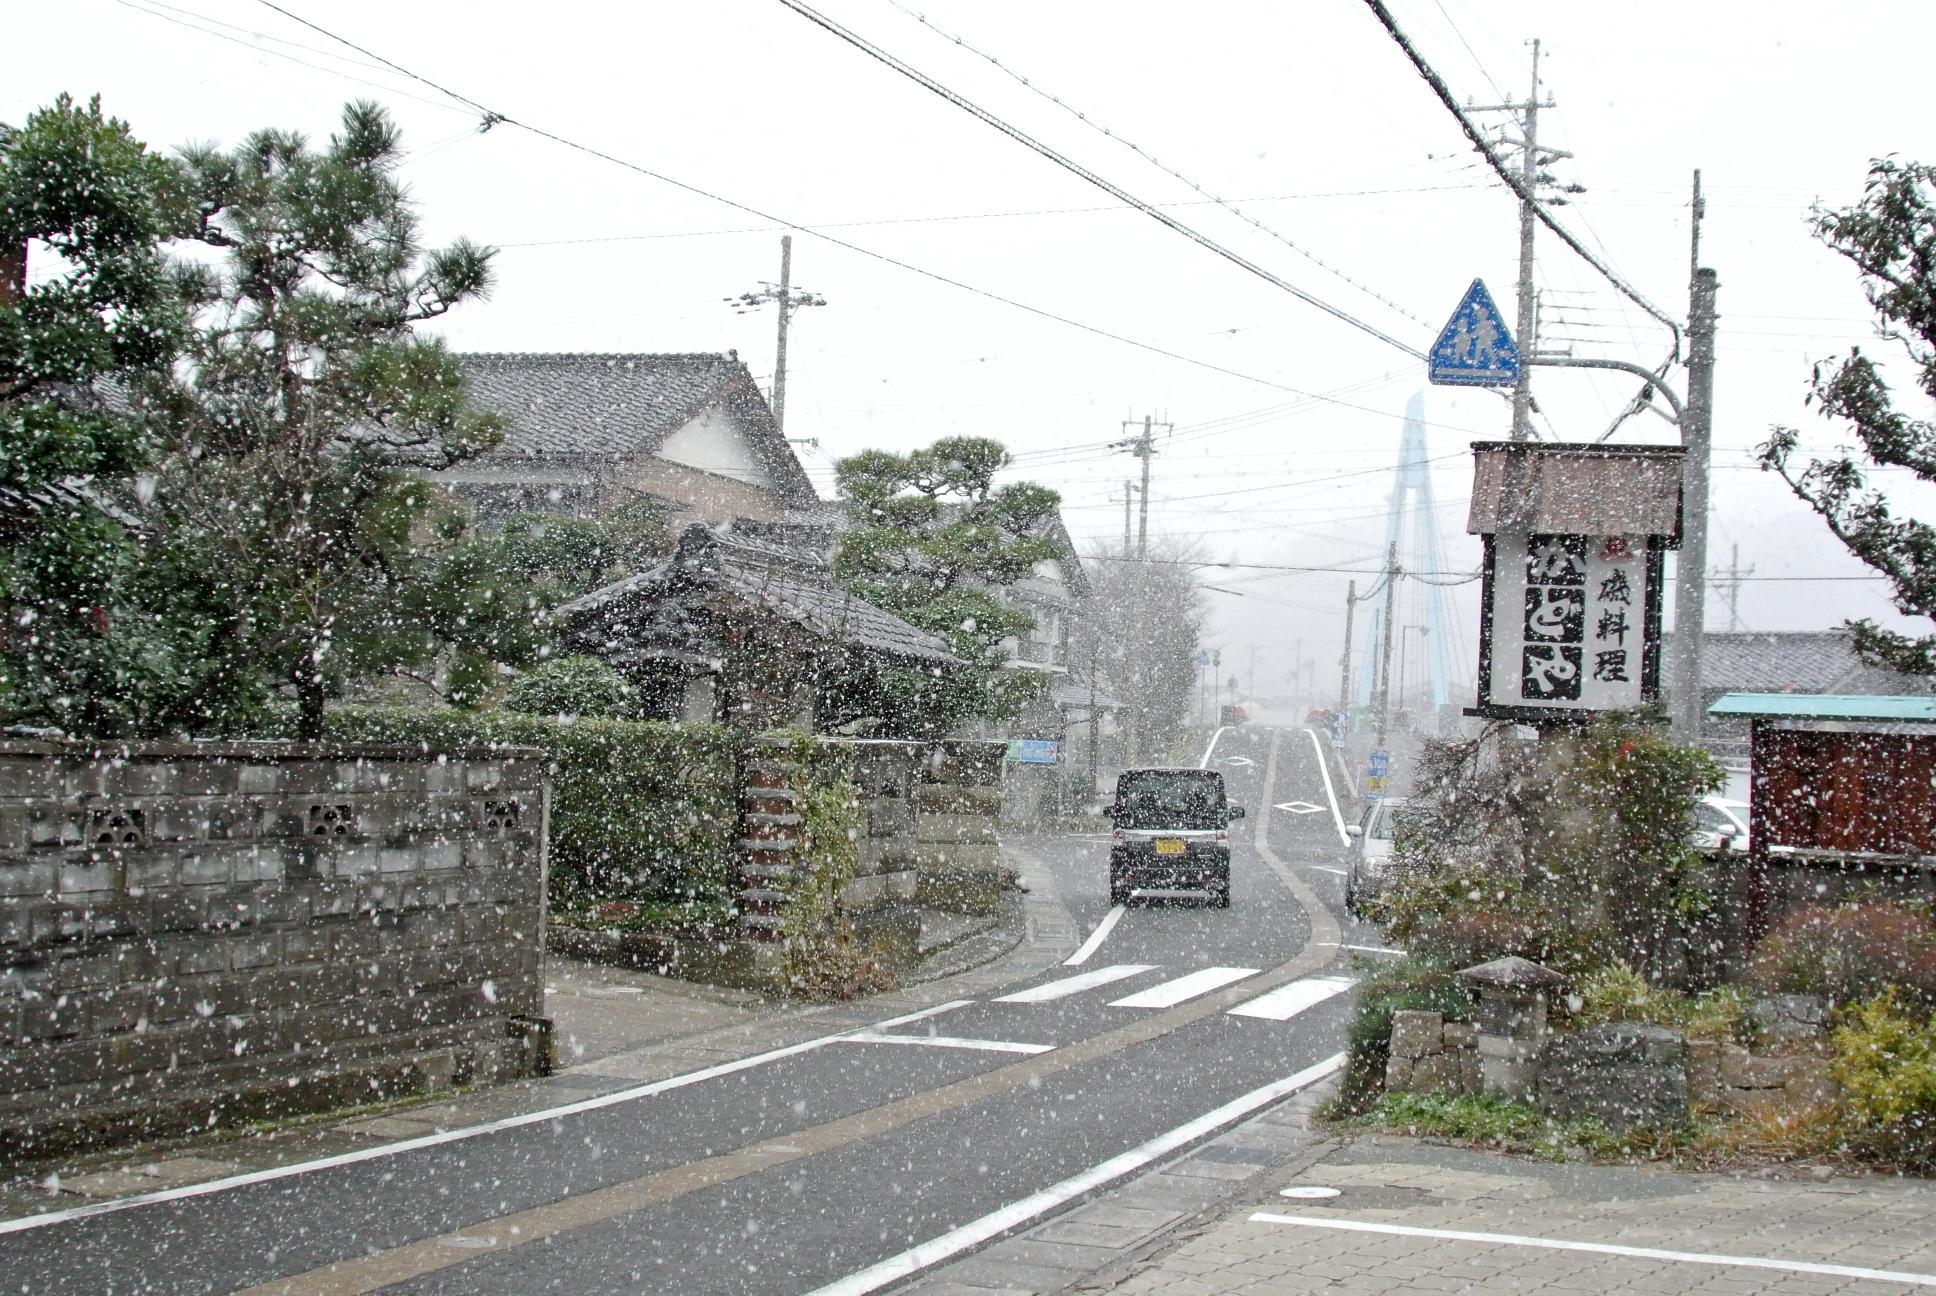 日本海側の目まぐるしい天気の変化を楽しめます?!~弁当忘れても傘忘れるな